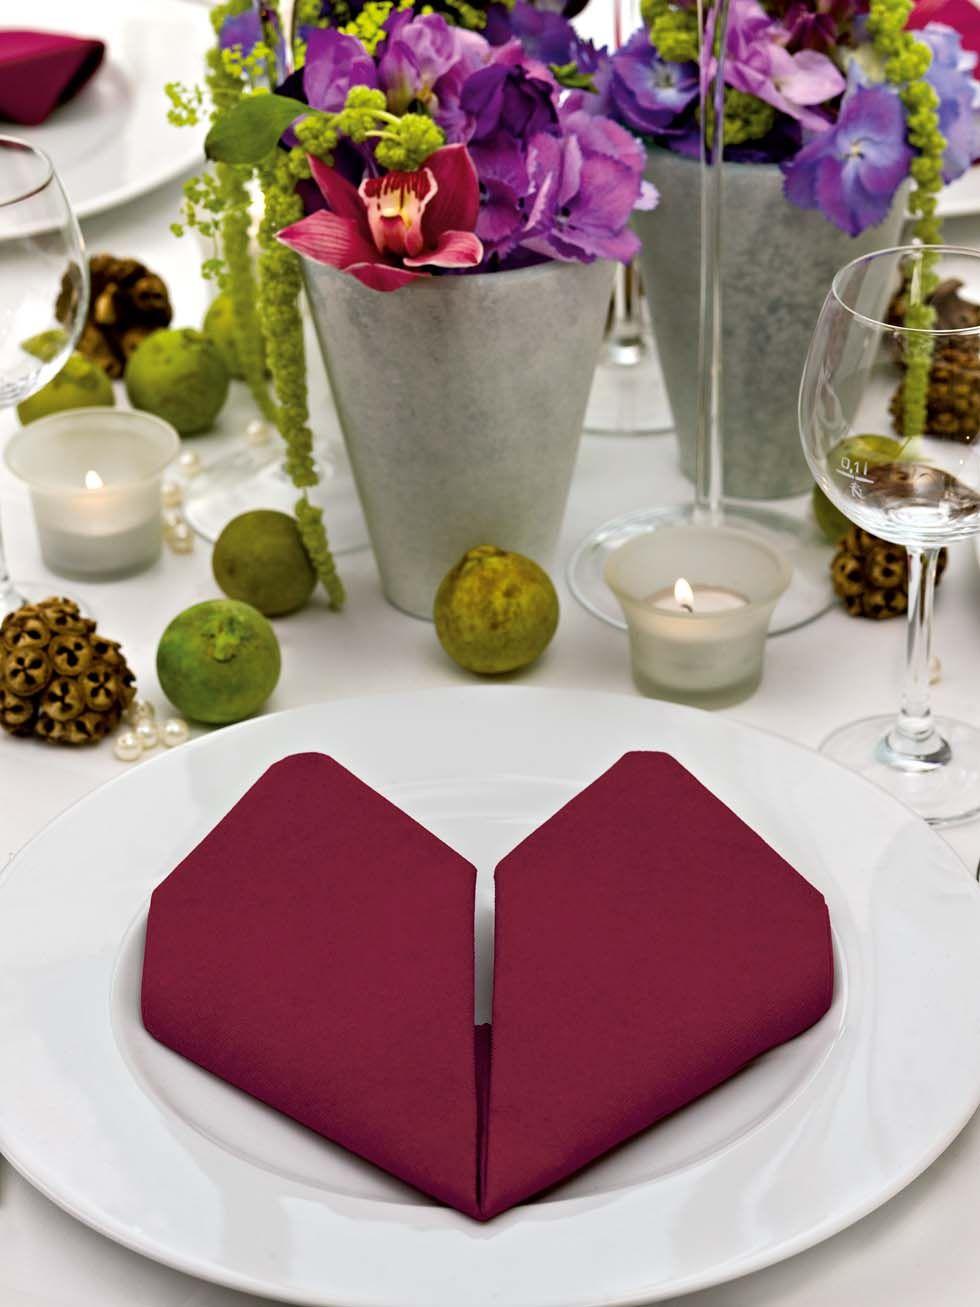 serviette zum herz falten basteln home pinterest herz falten hochzeit servietten und zum. Black Bedroom Furniture Sets. Home Design Ideas